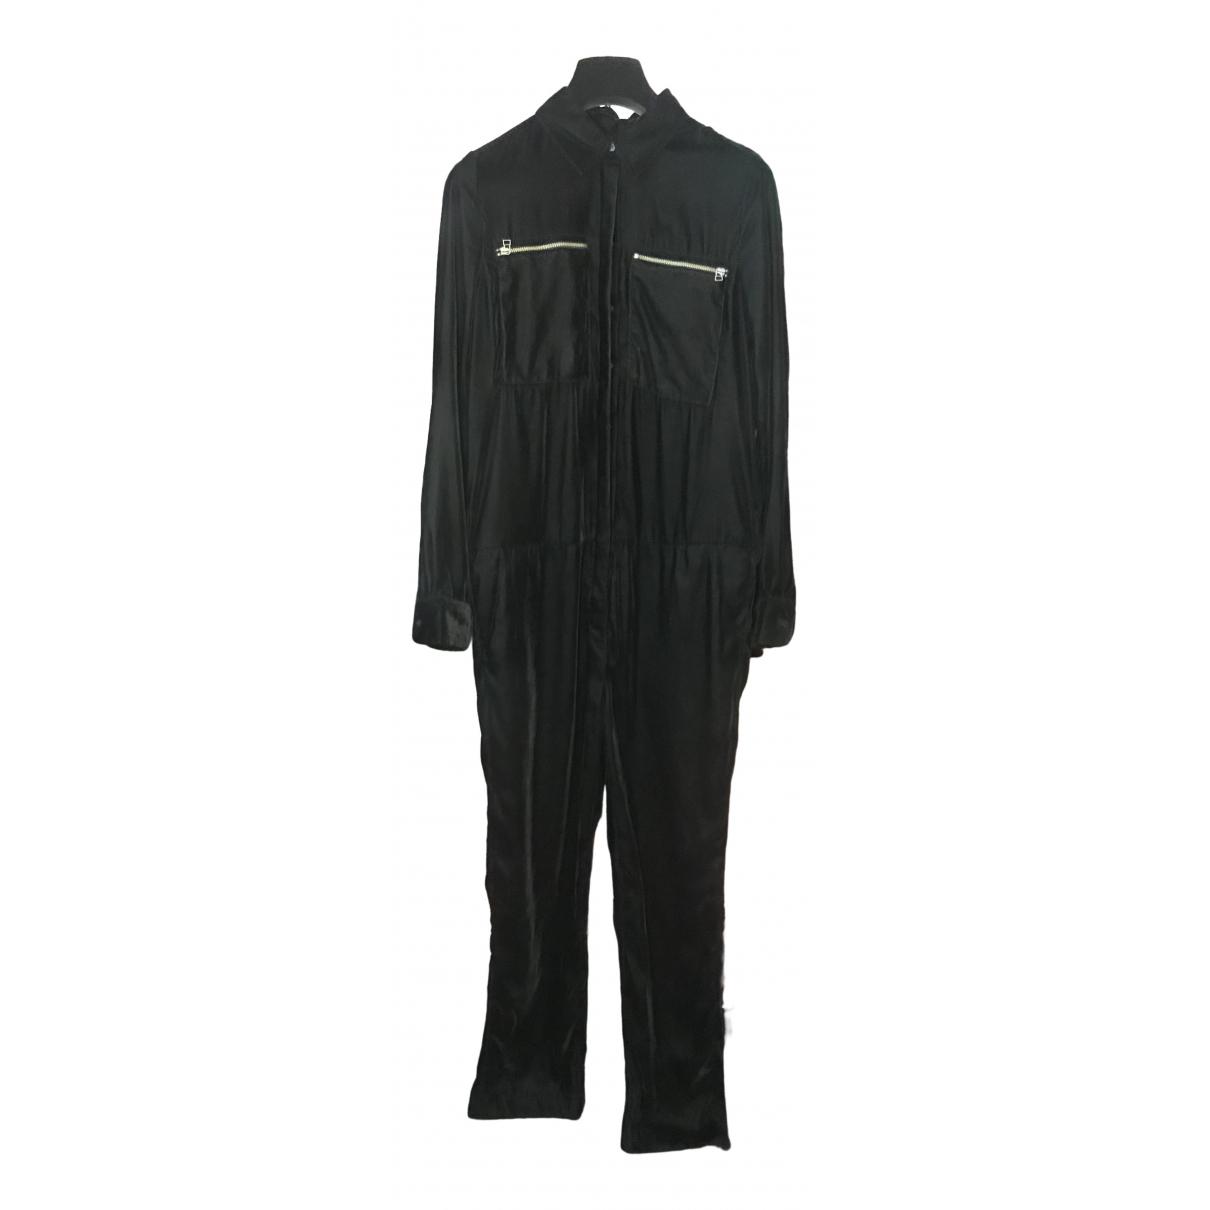 H&m Studio \N Black Velvet jumpsuit for Women XS International